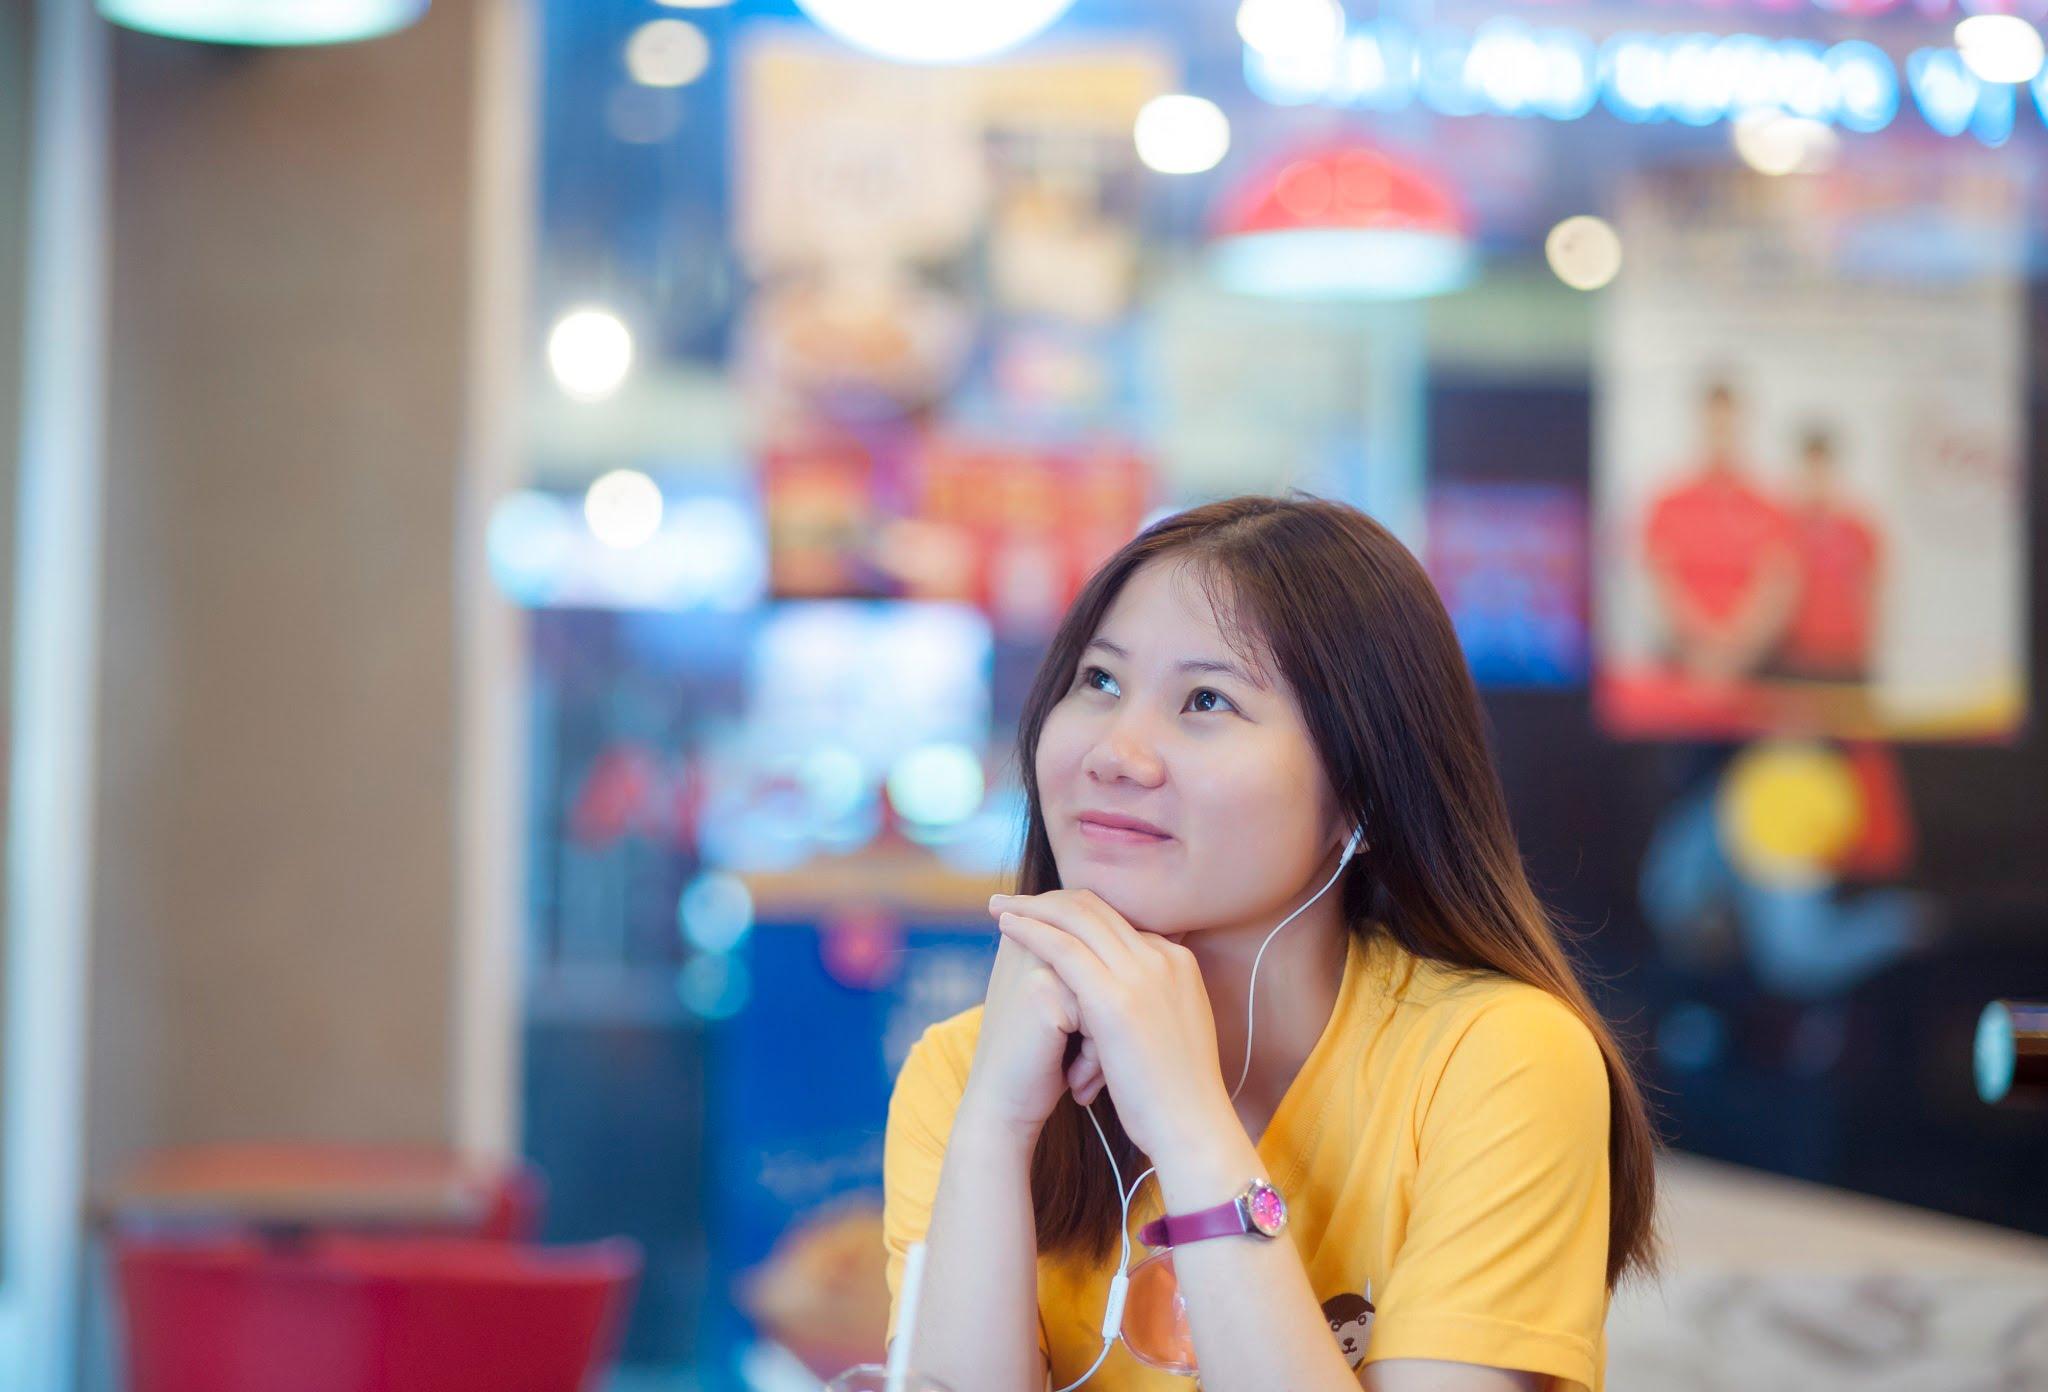 Vui 1 - Một góc quán quen, Cafe bến xe miền đông - Vui Đoàn